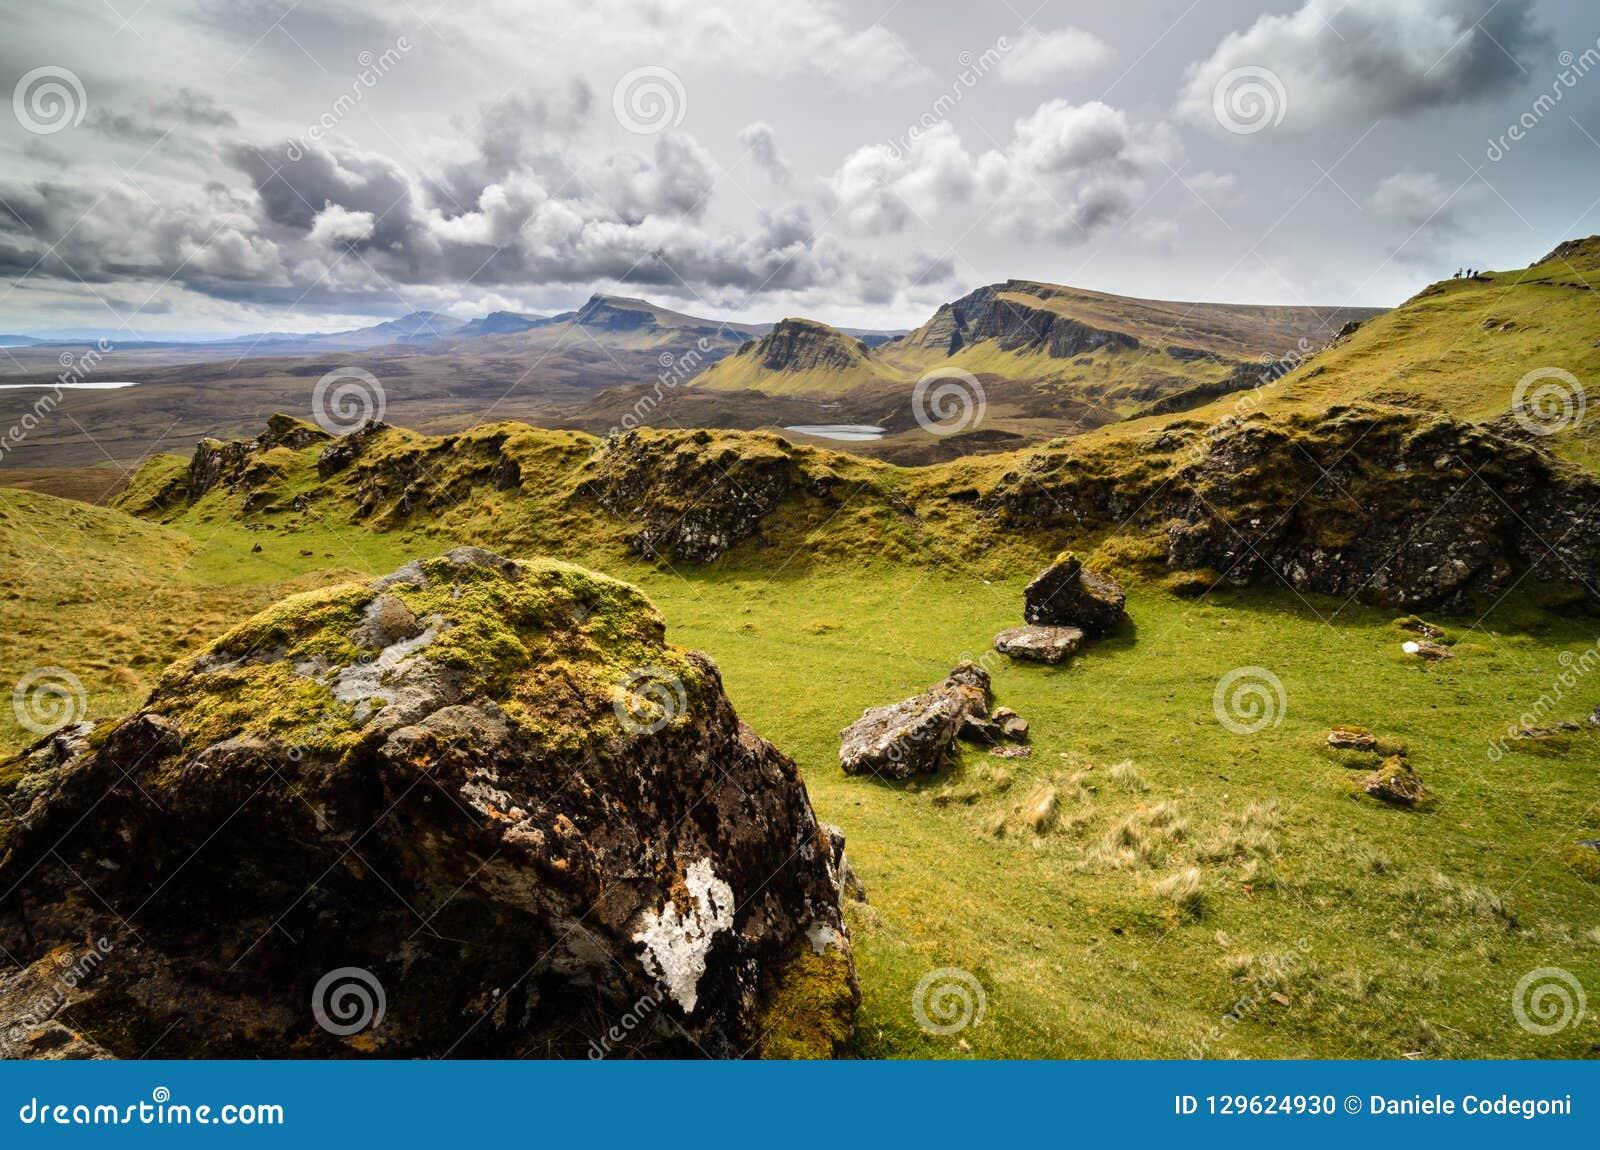 Isola di skye, montagna di Quiraing, paesaggio scenico della Scozia